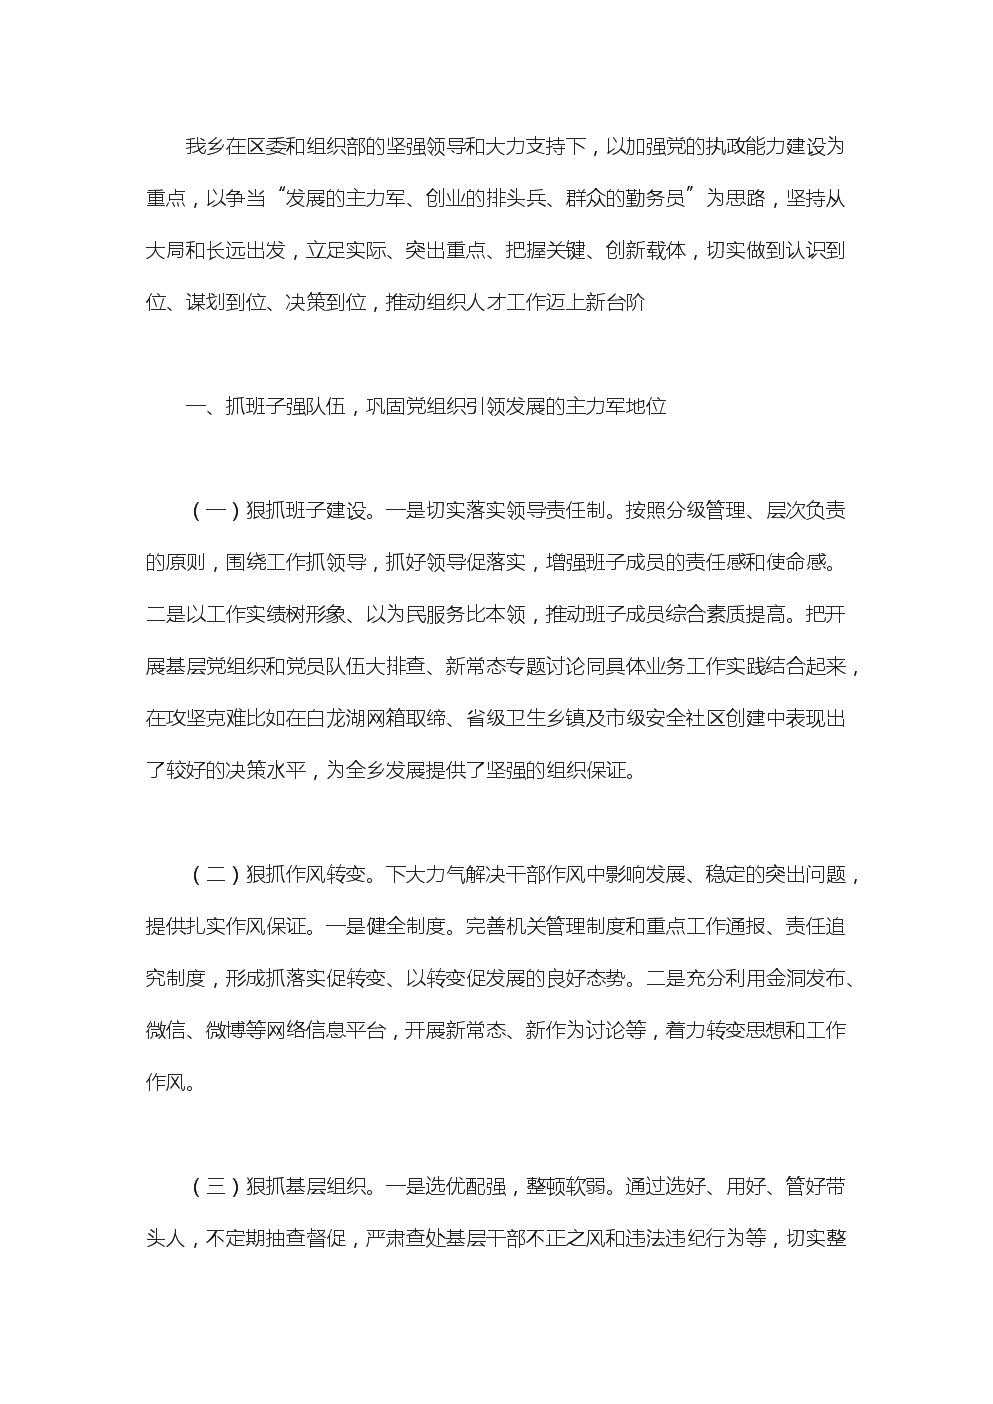 结合乡村振兴战略的人才工作述职报告(乡镇党委书记的).doc